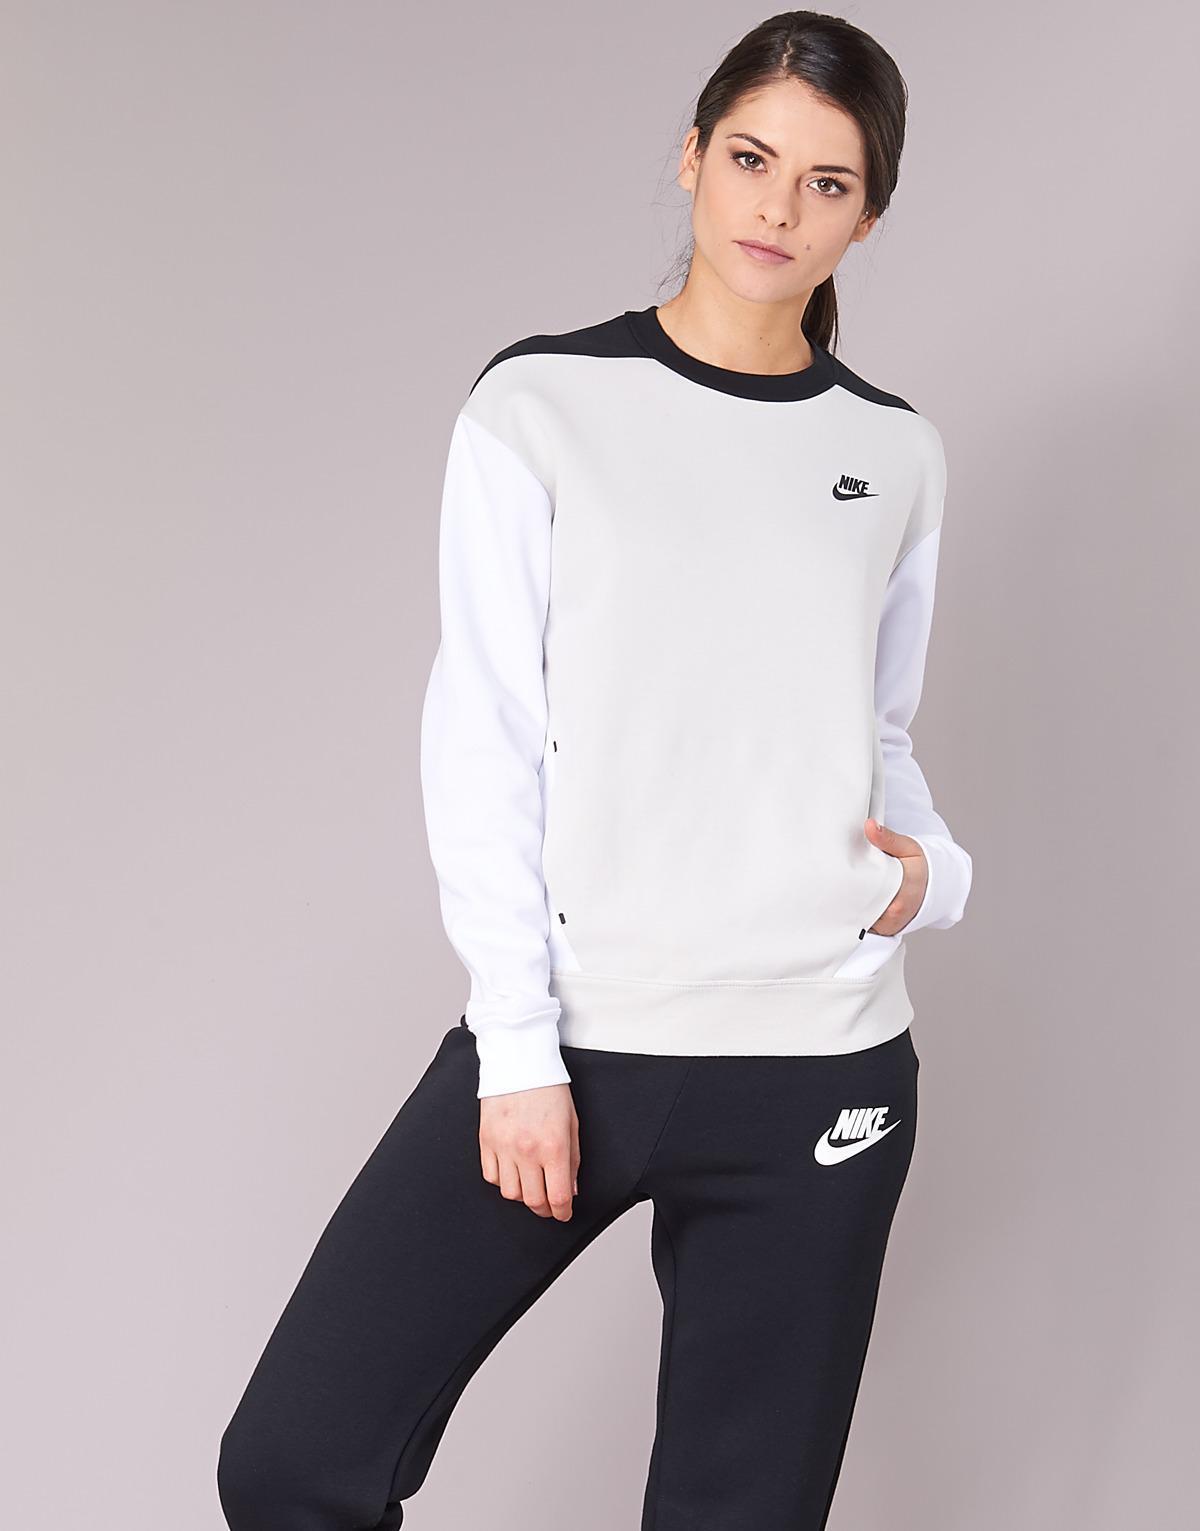 c326866e Nike Tech Fleece Crew Women's Sweatshirt In Grey in Gray - Lyst